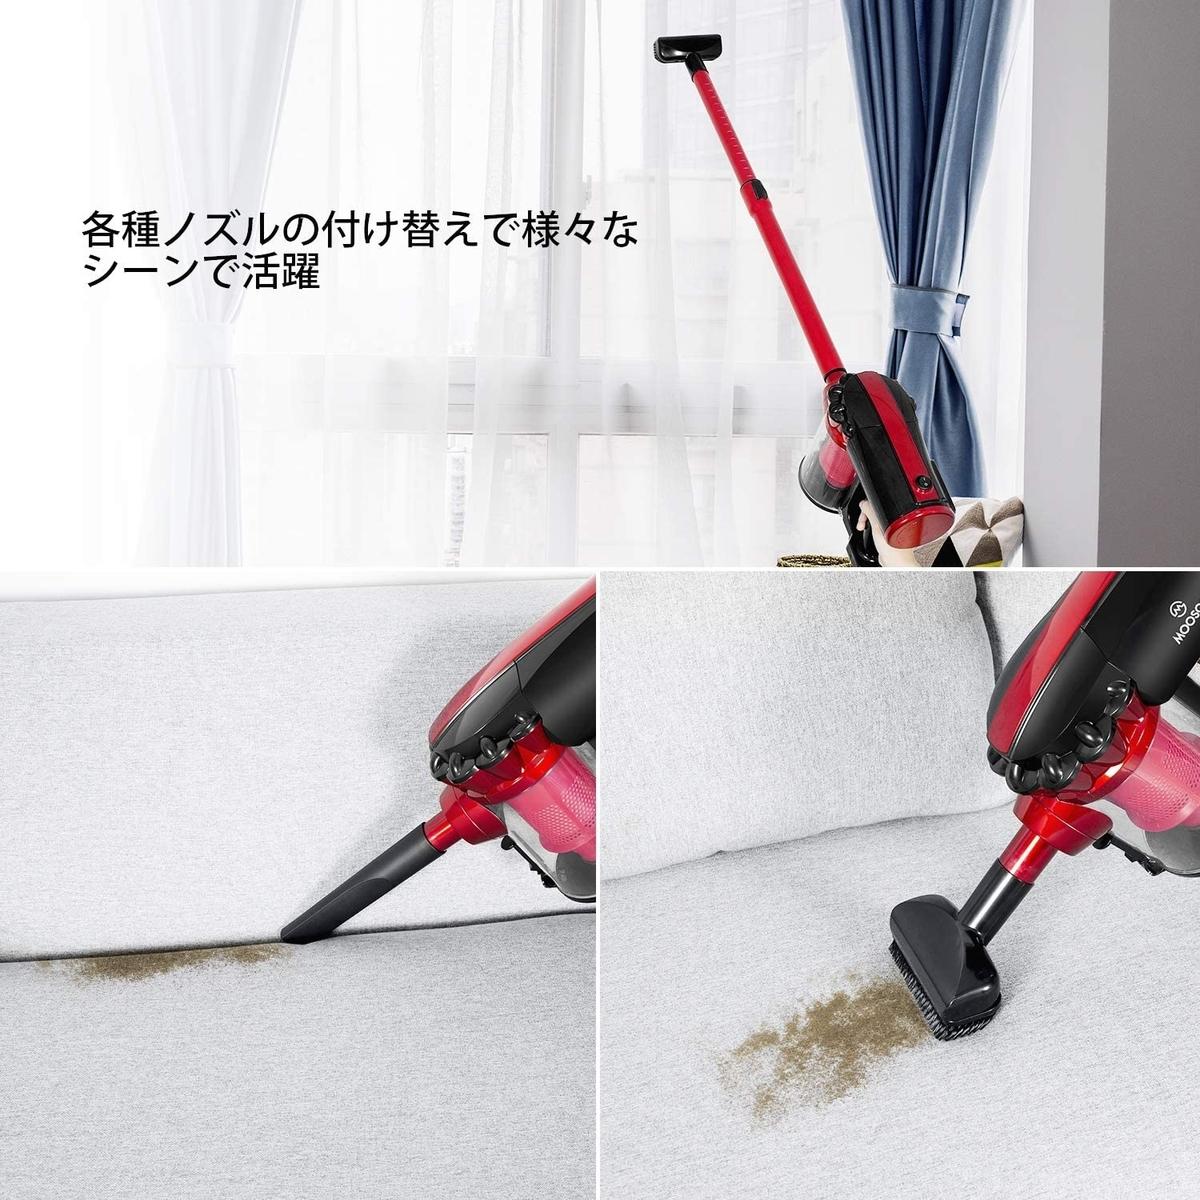 f:id:haruki8282:20201217210154j:plain